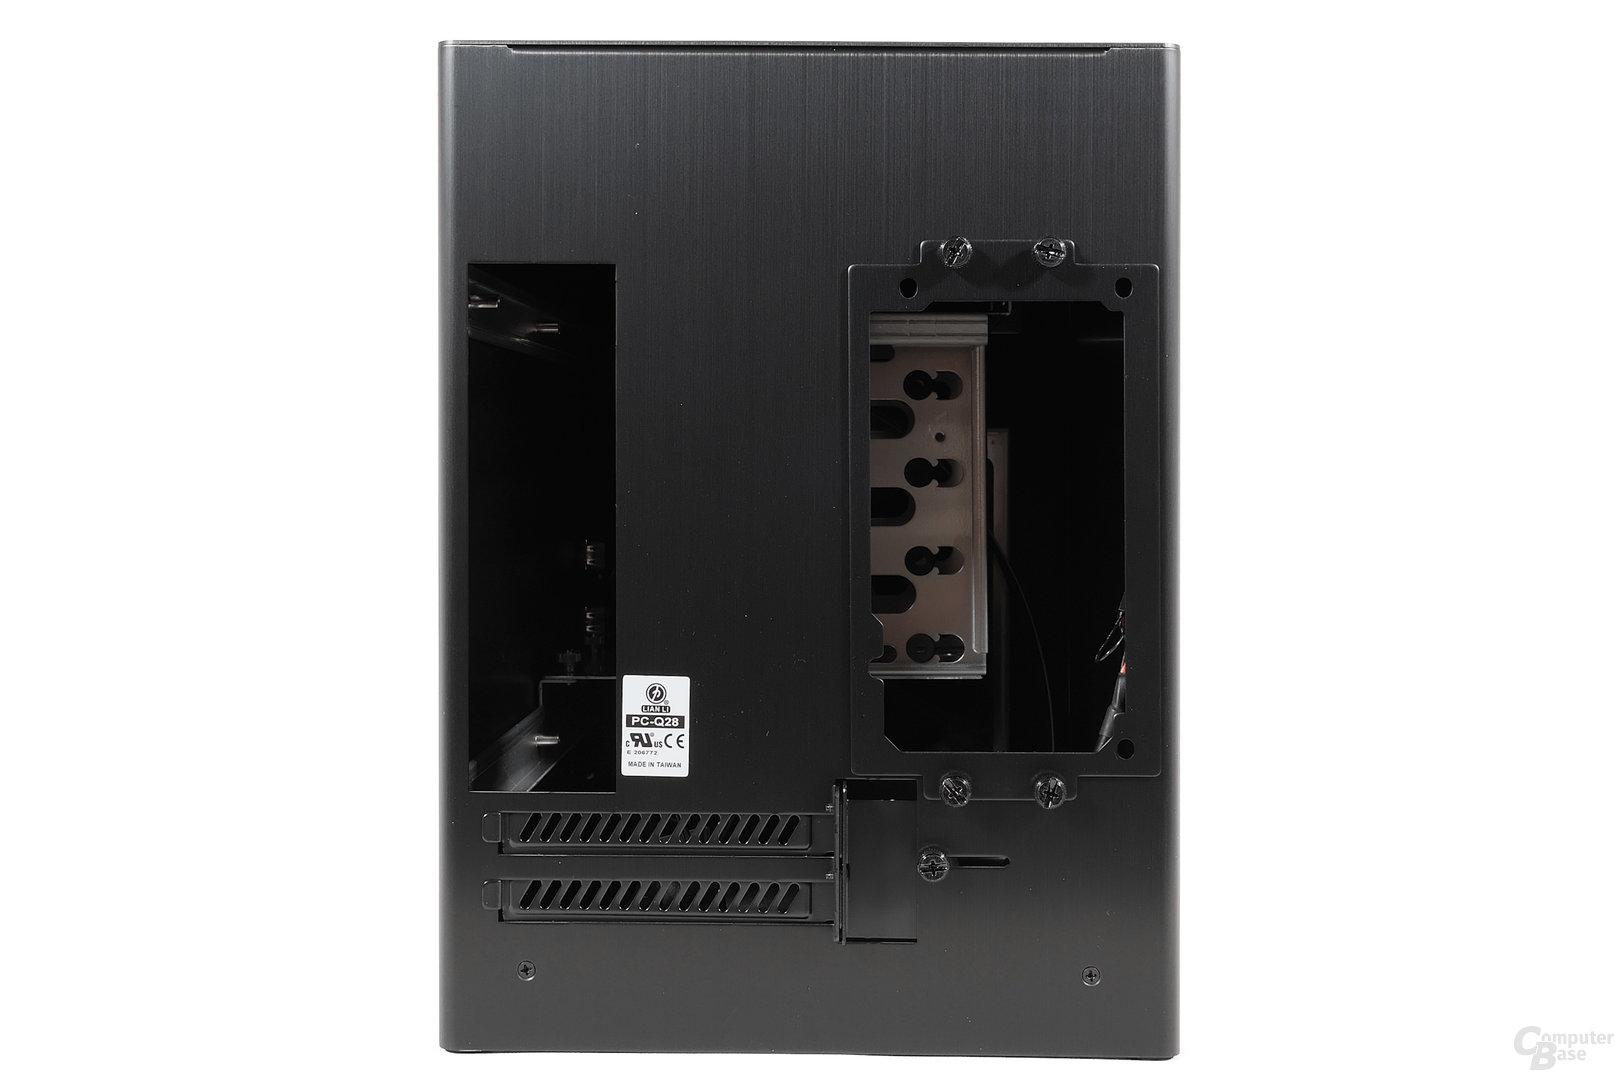 Lian Li PC-Q28 - Heckansicht